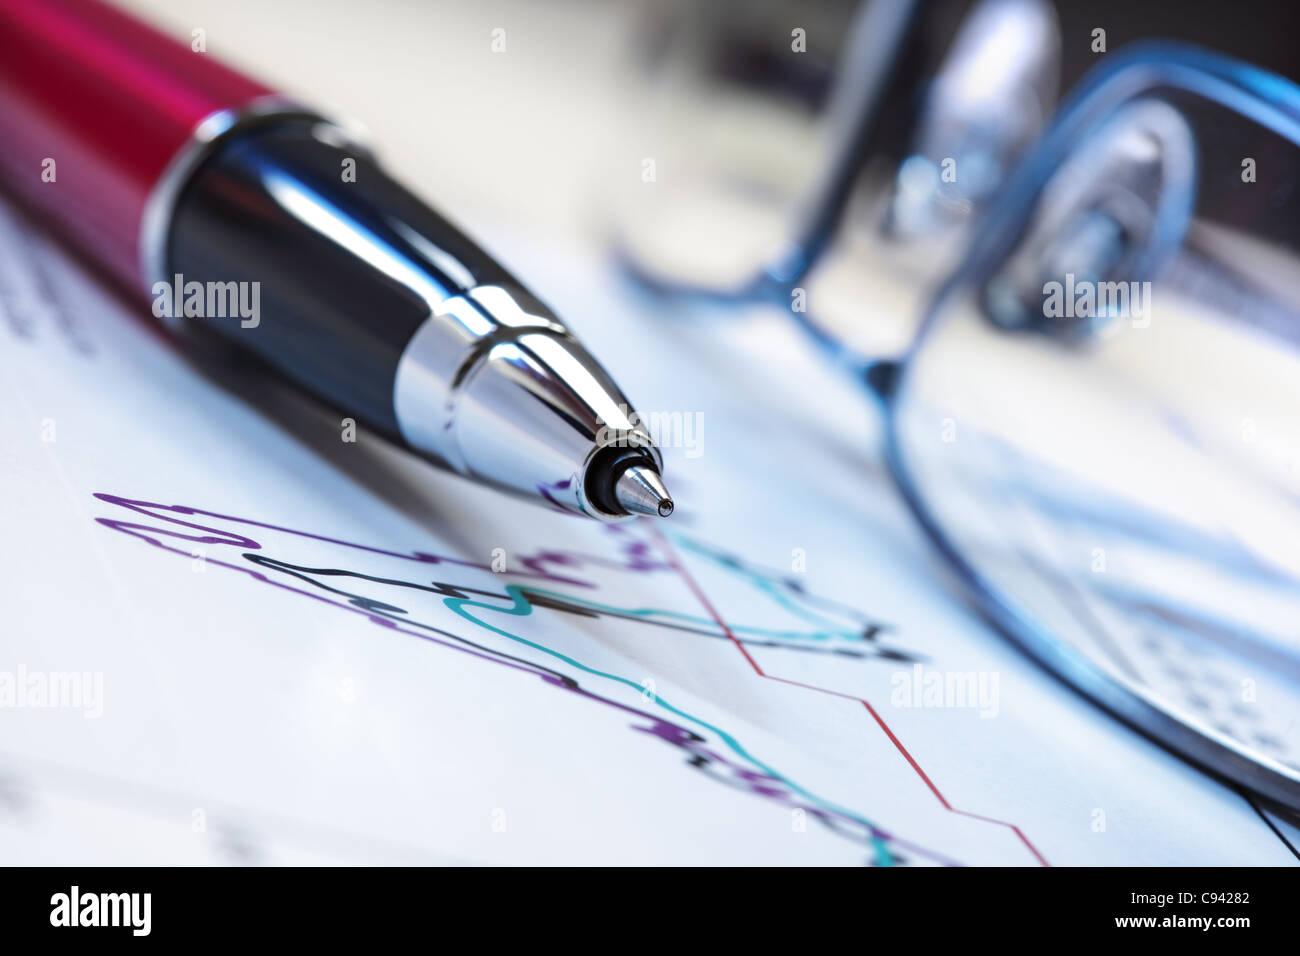 Penna e Grafici azionari Immagini Stock